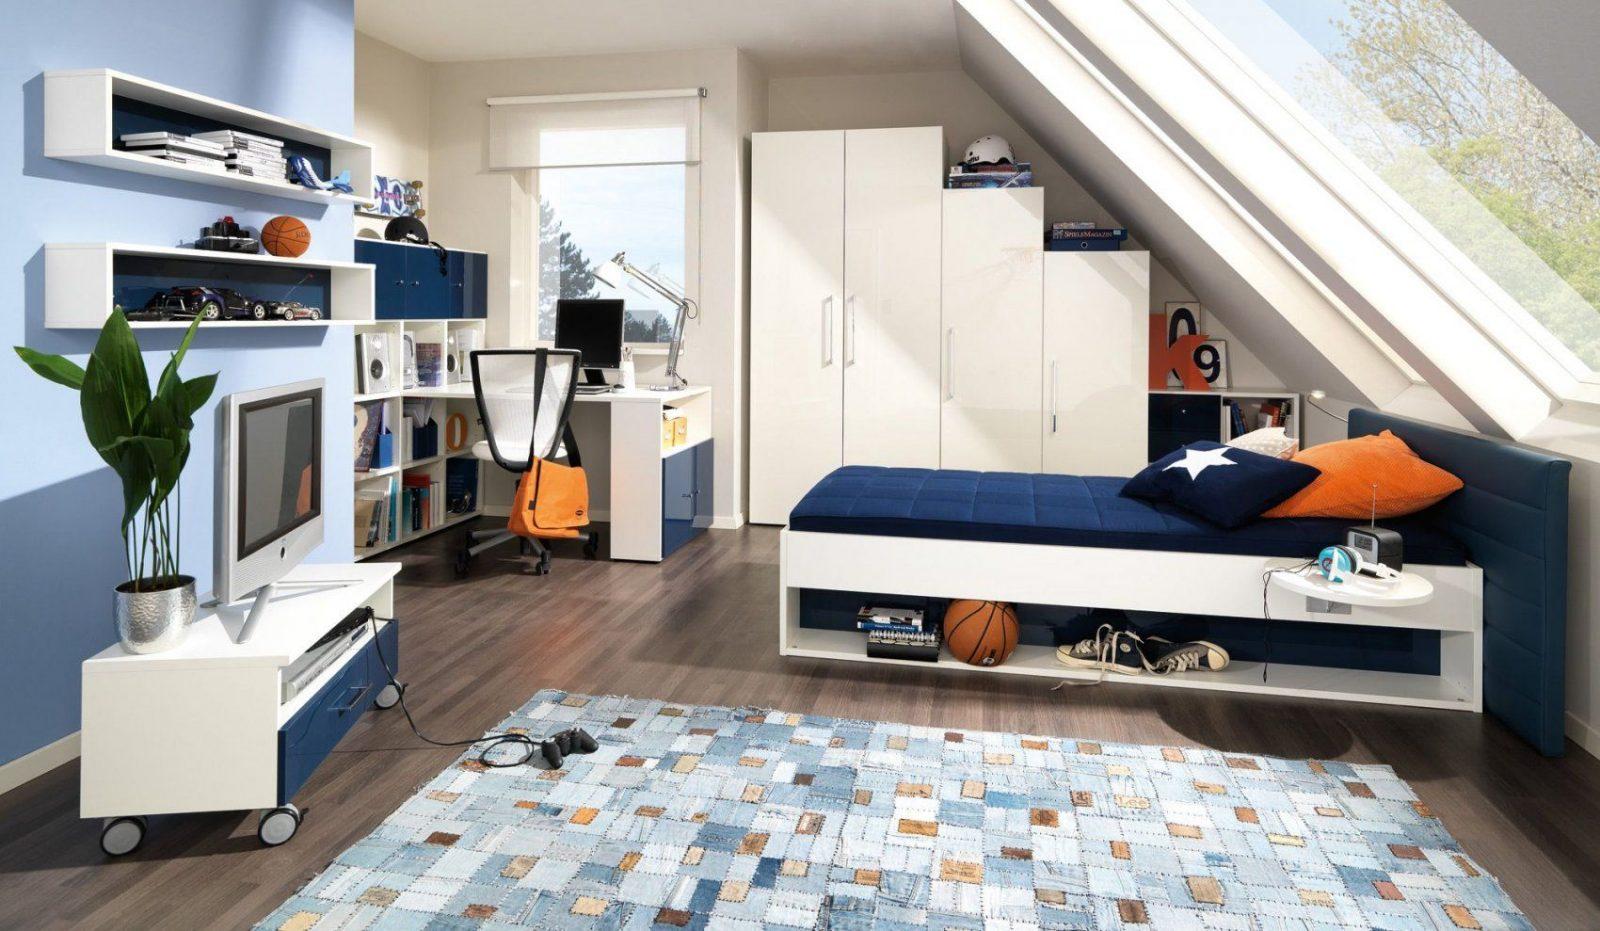 Jugendzimmer In Blau Und Creme Gestalten  Jugendzimmer  Pinterest von Jugendzimmer Mit Dachschräge Gestalten Bild